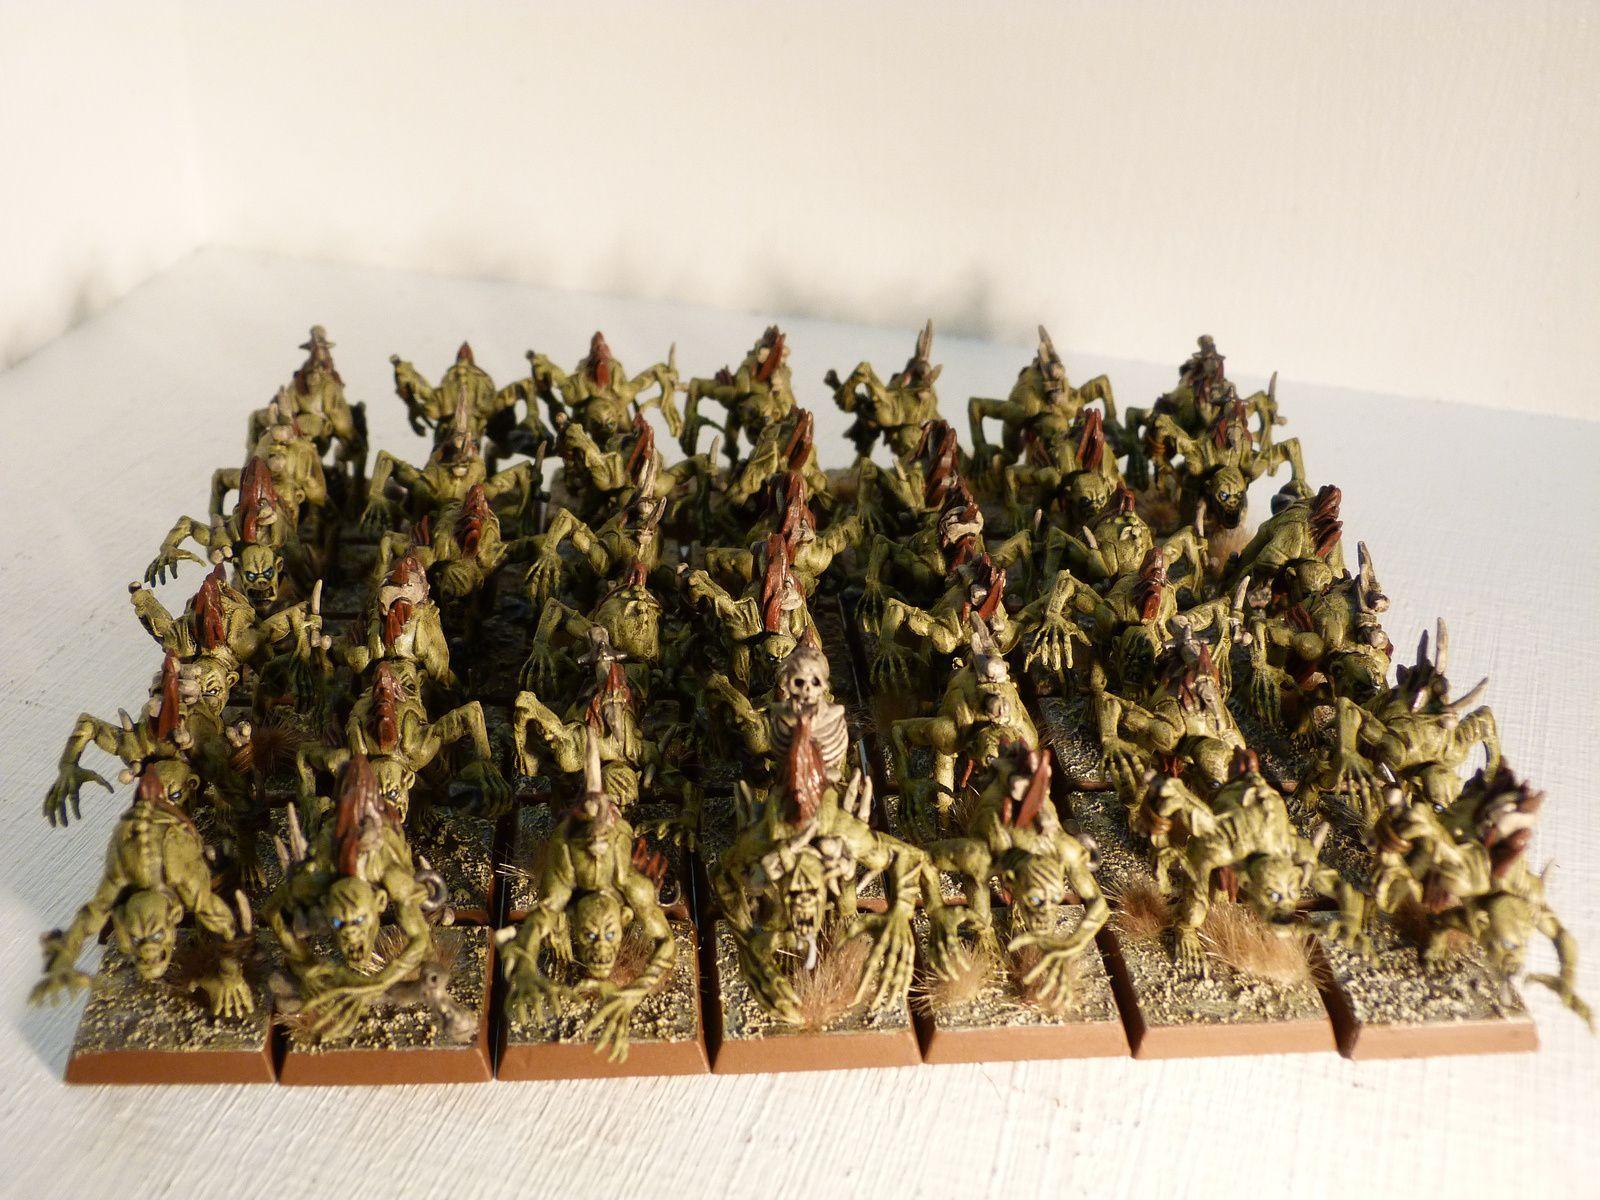 Les 21 puis le régiment de 42 !